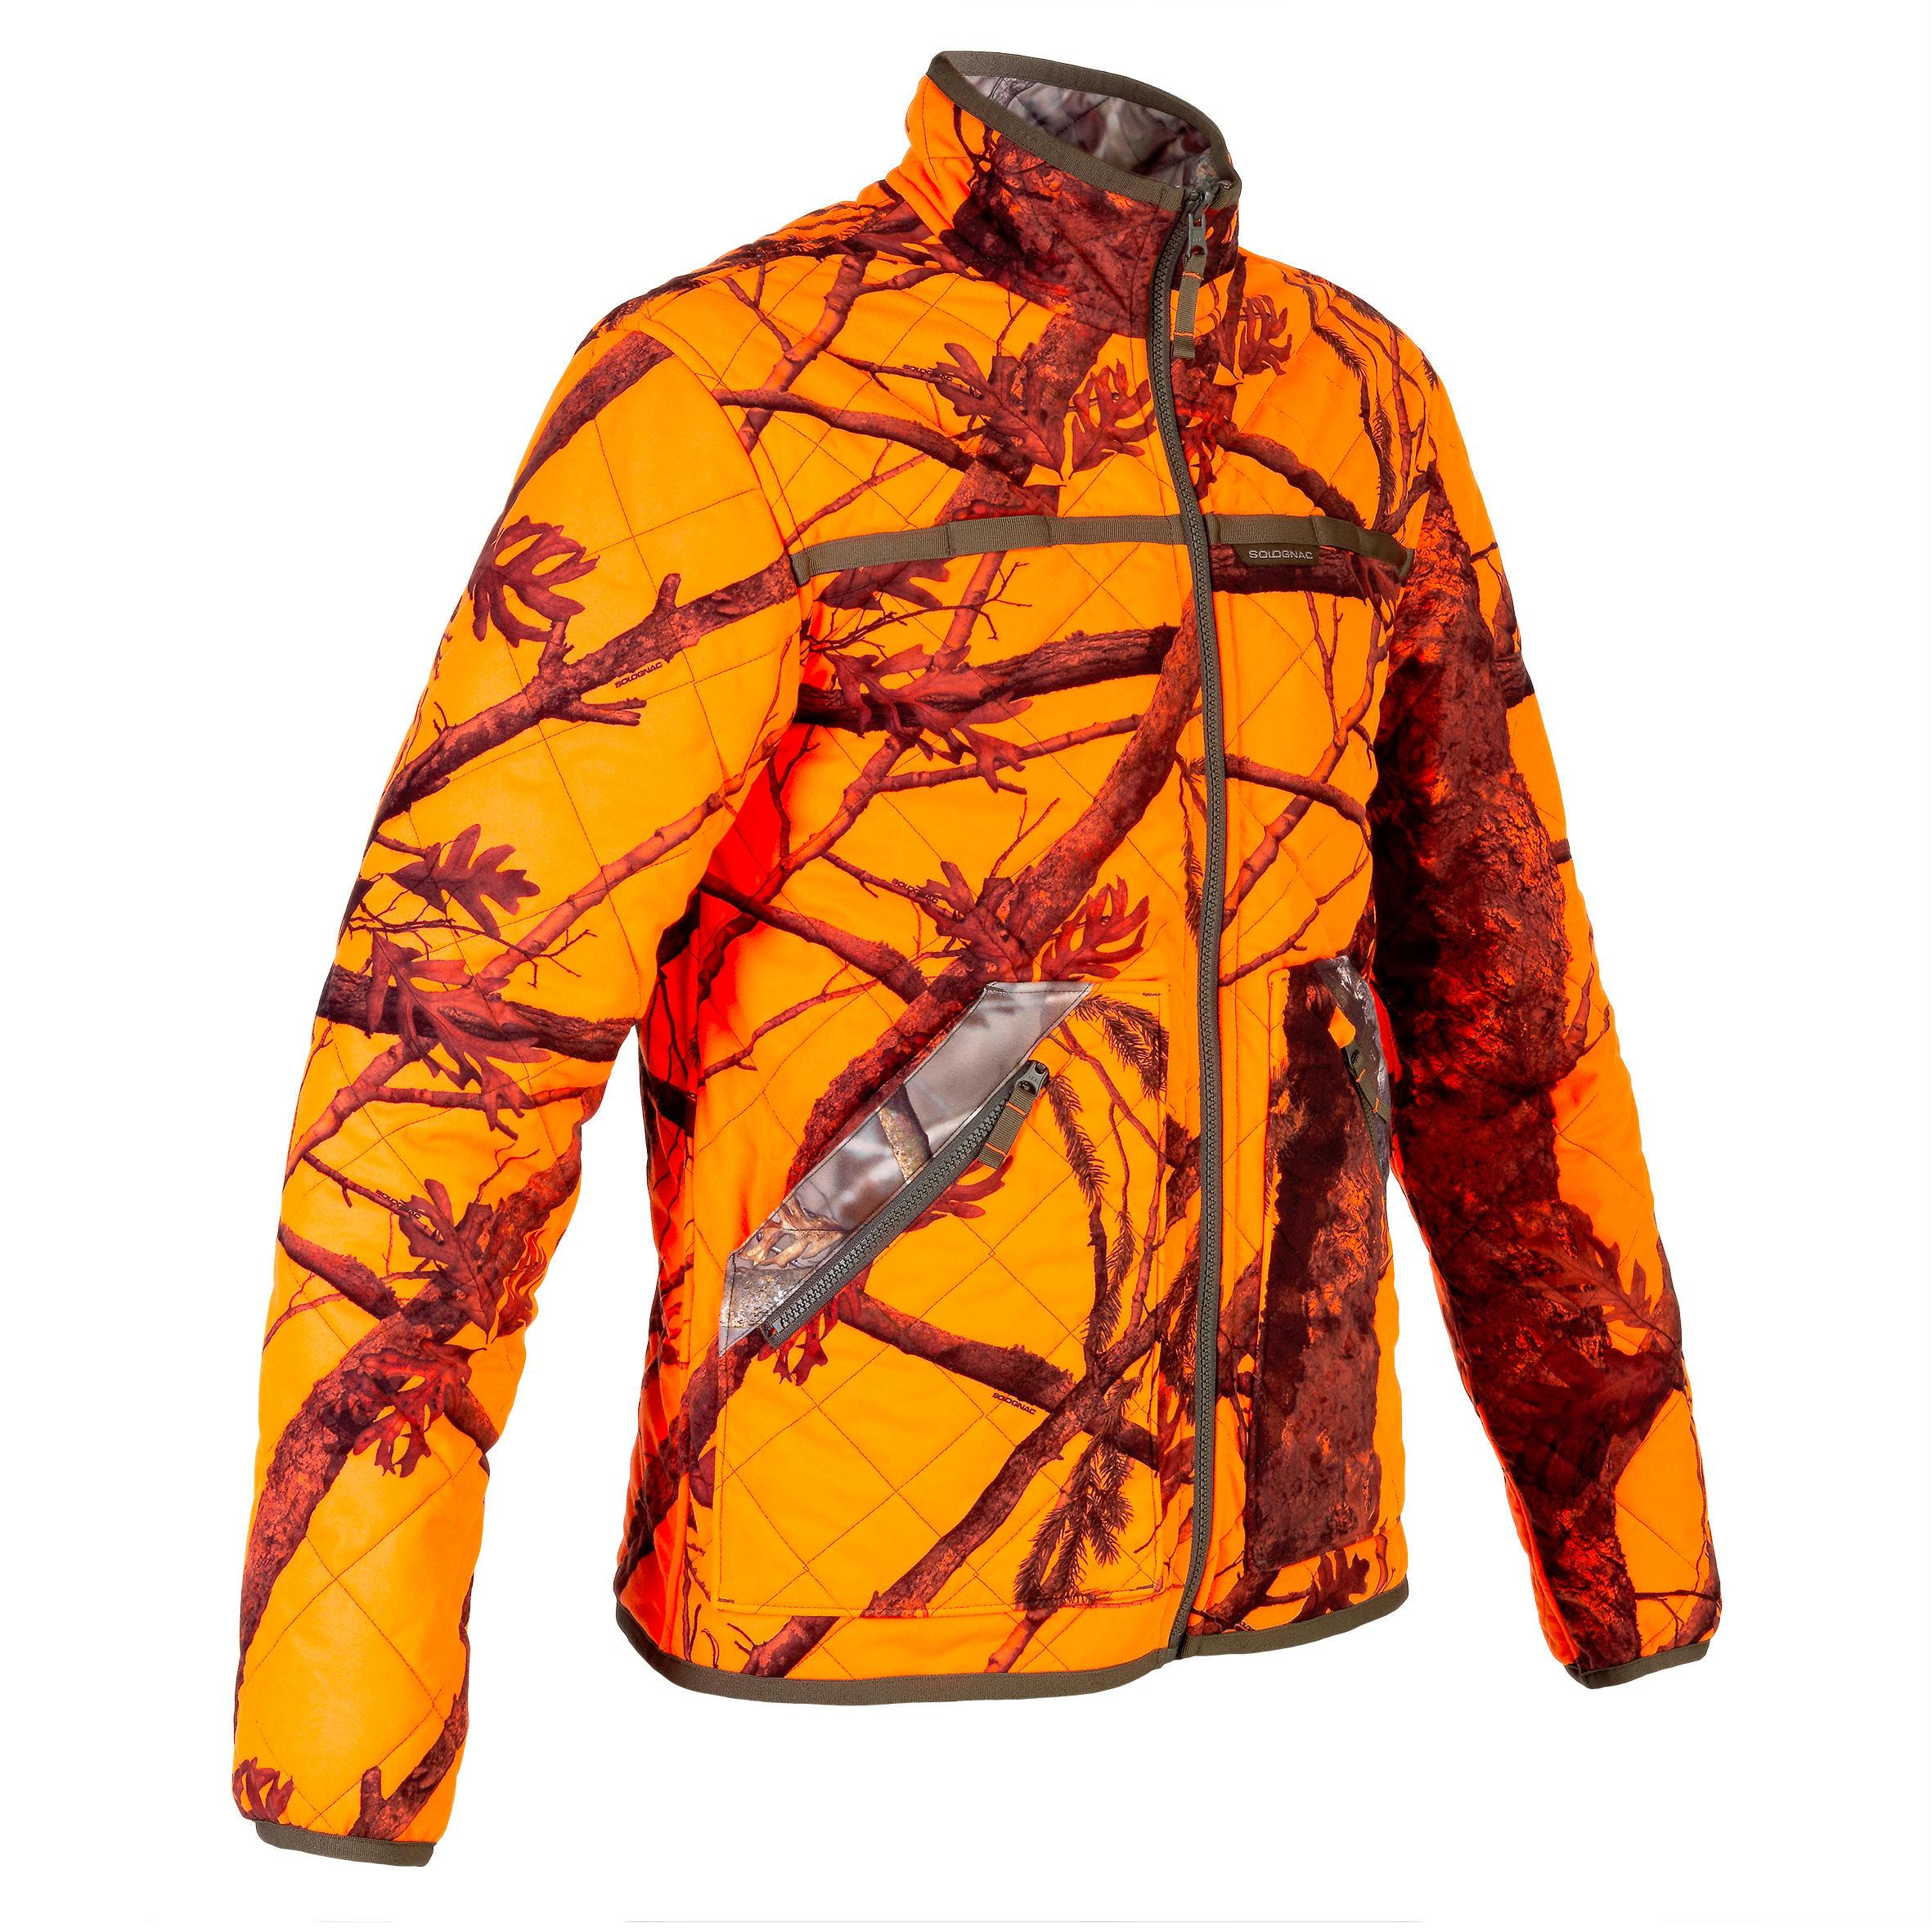 Jachetă matlasată Reversibilă